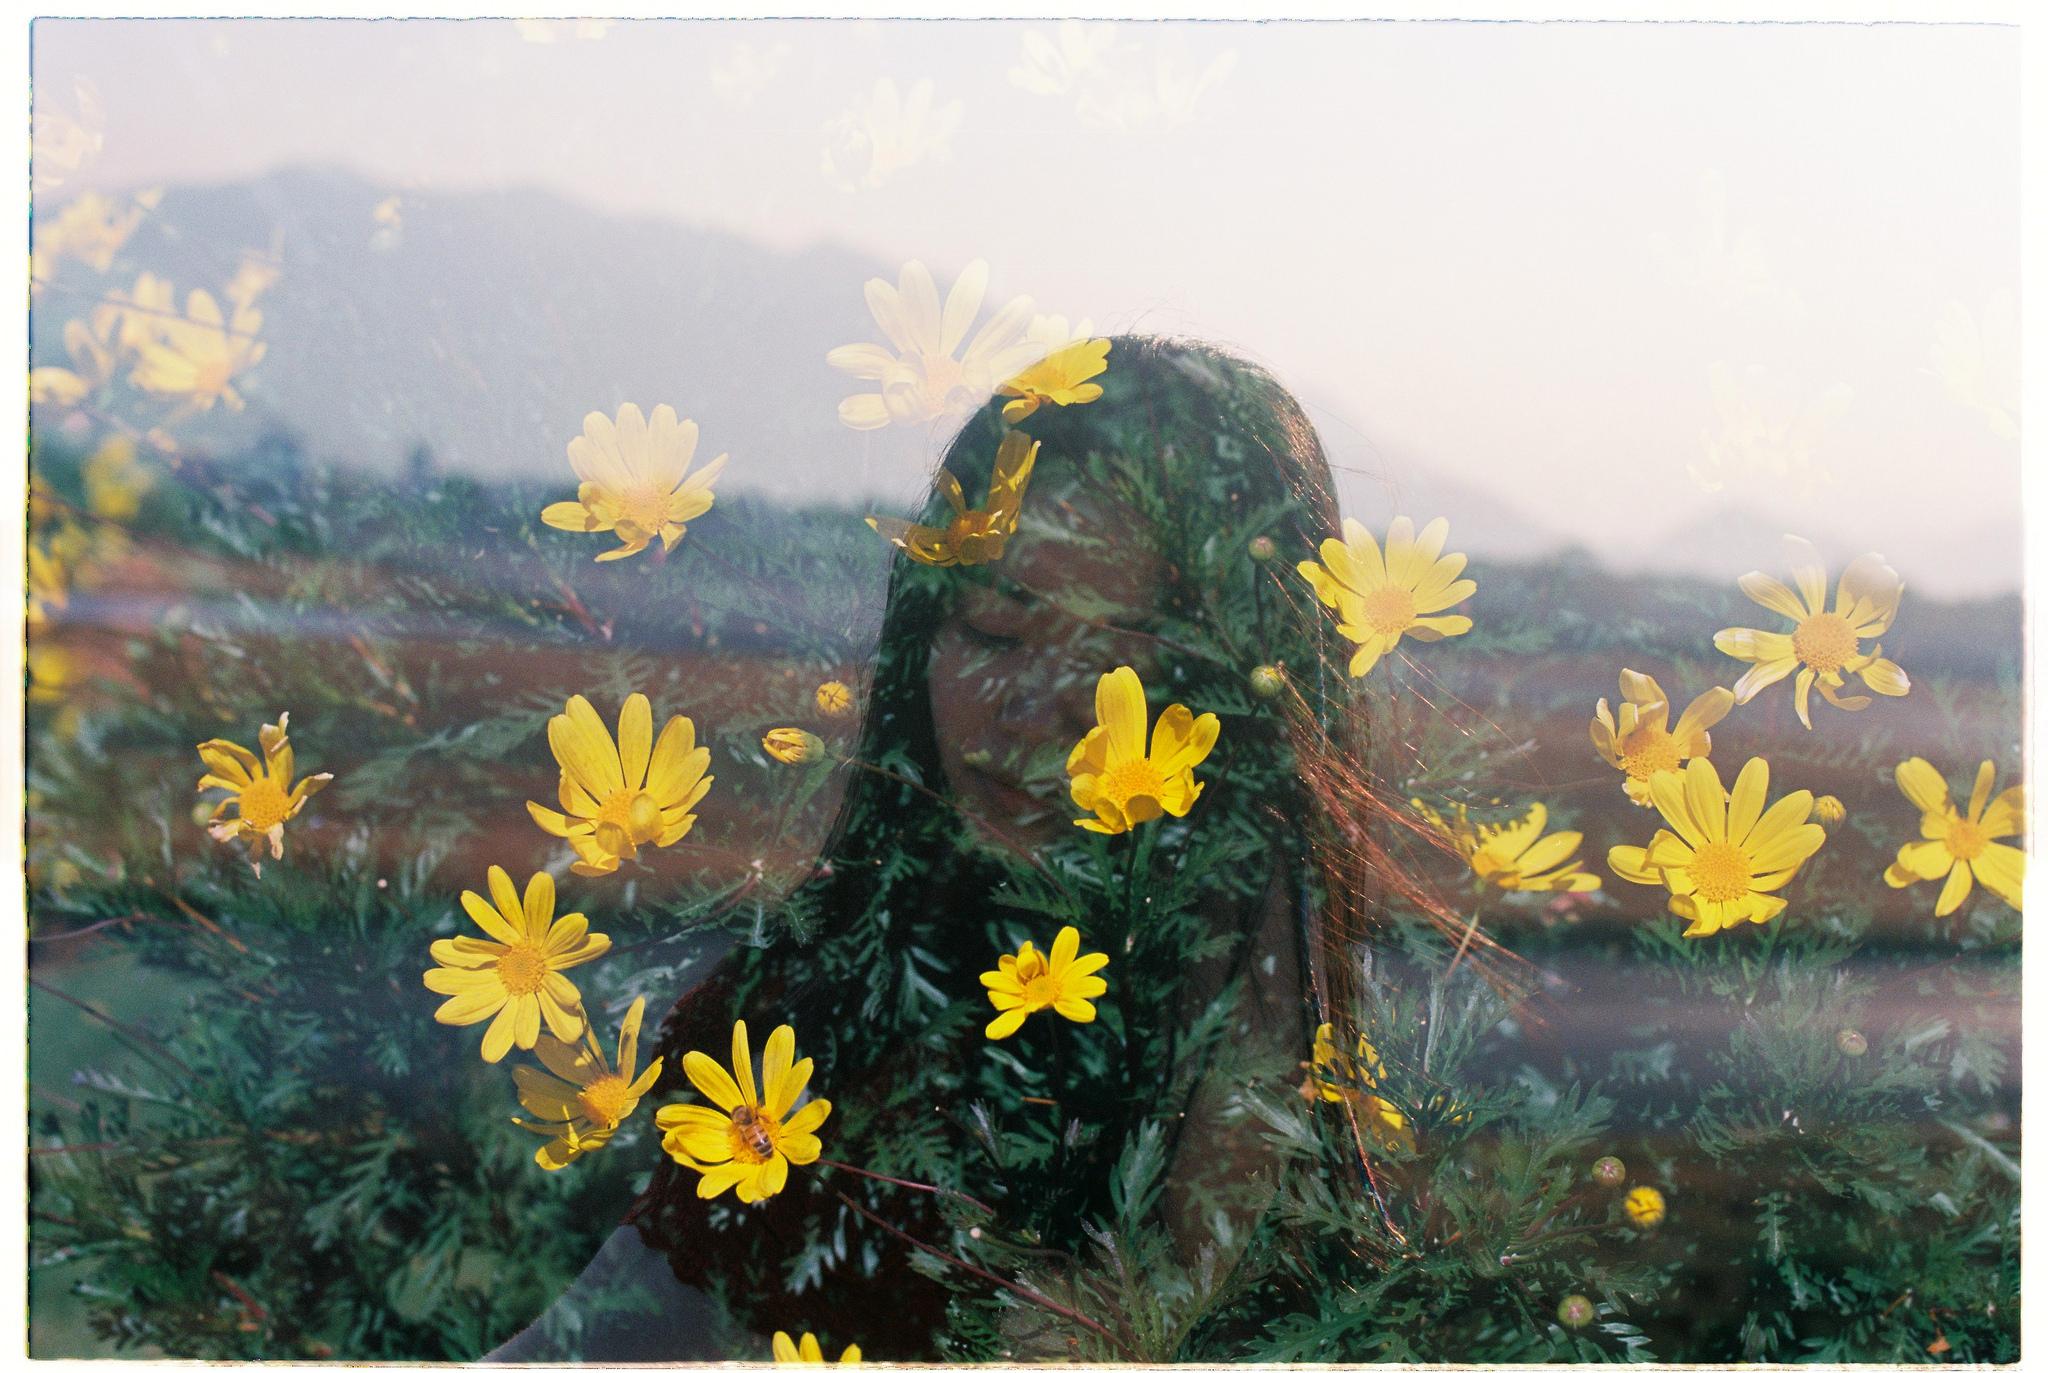 Doppelbelichtung – verträumte junge Frau und gelbe Blüten.